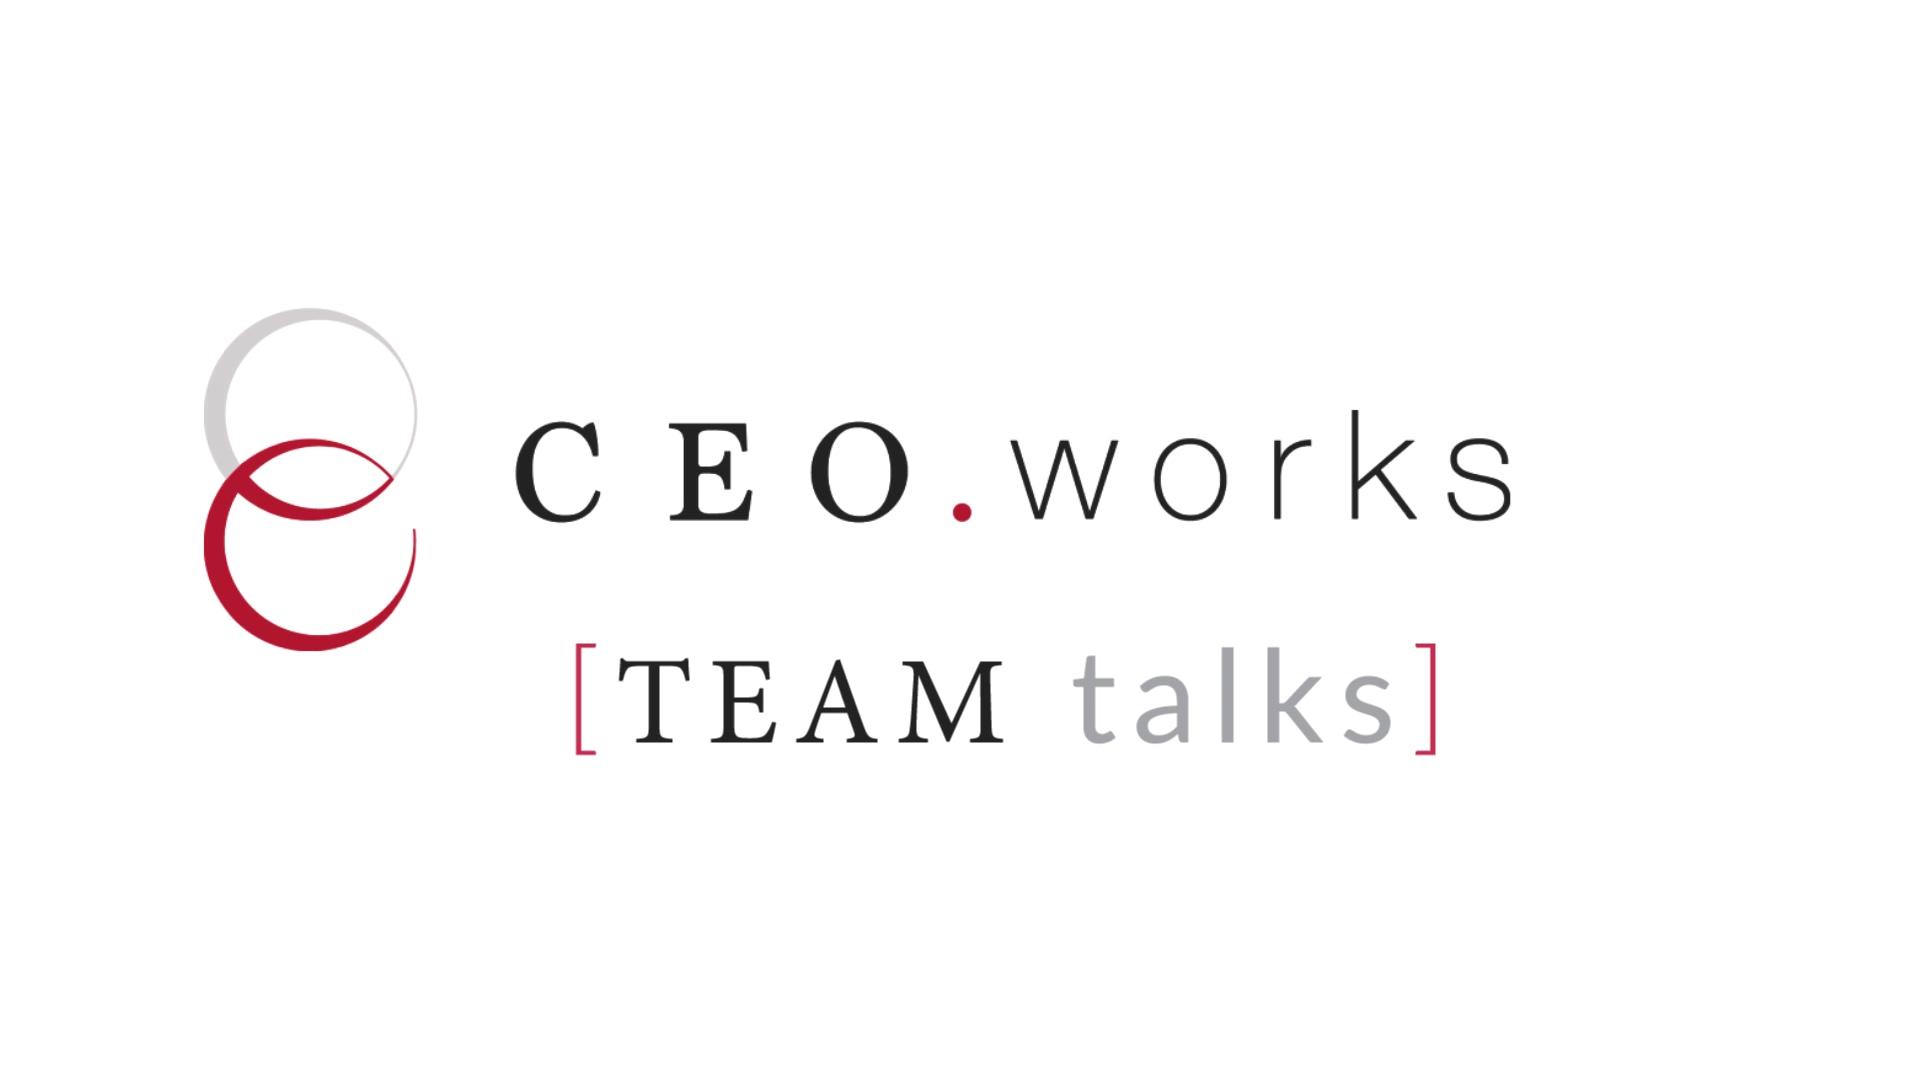 ceoworks-team-talks-050820-full